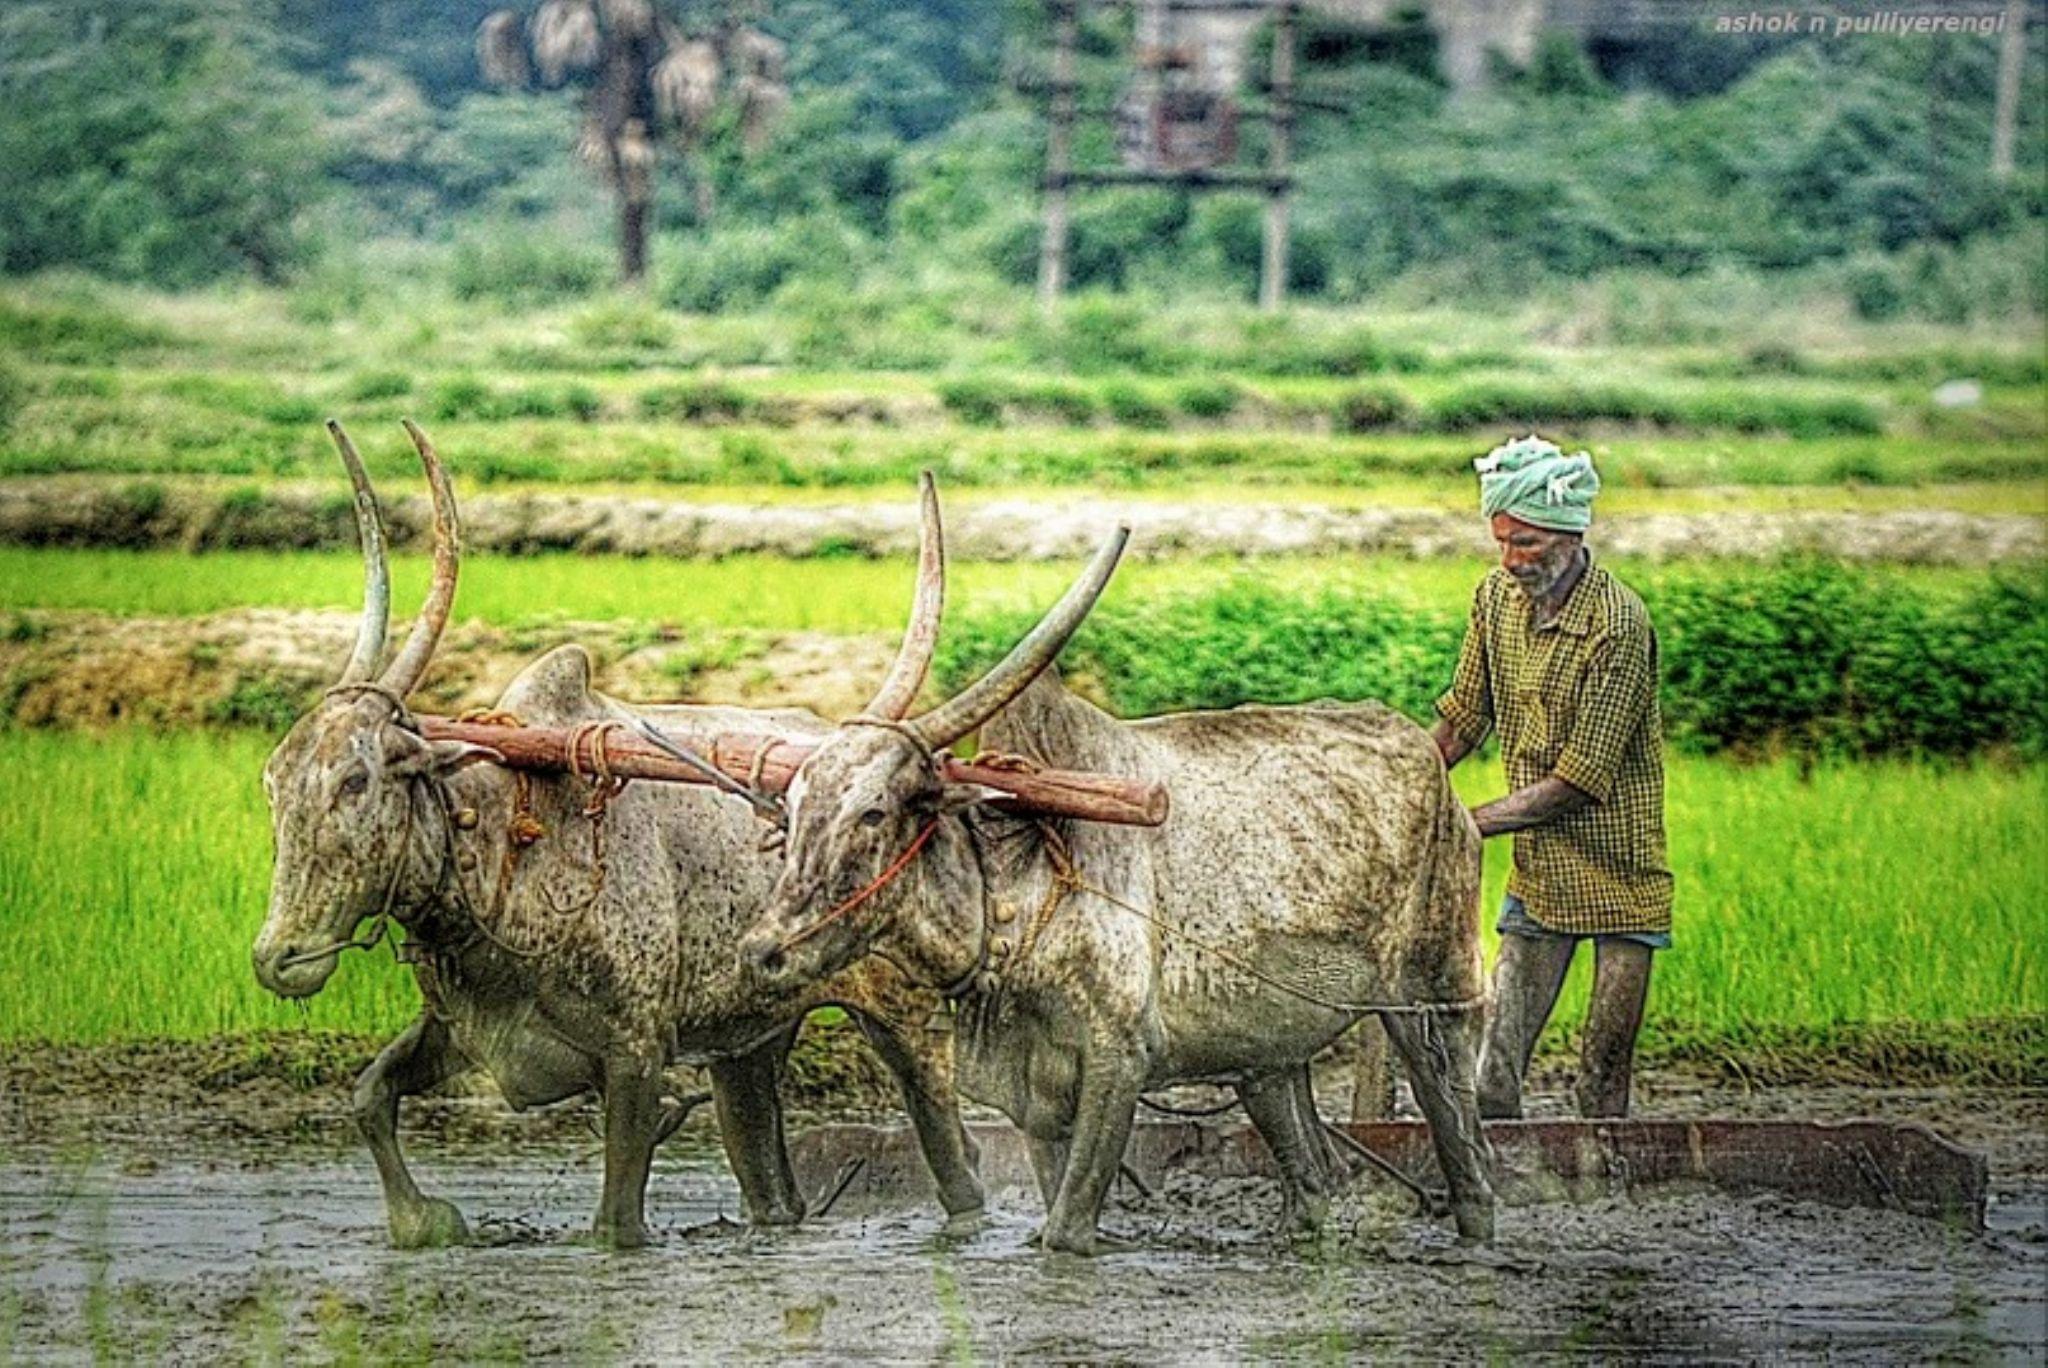 lifeline- sustainable agriculture by Ashok n Pulliyerengi